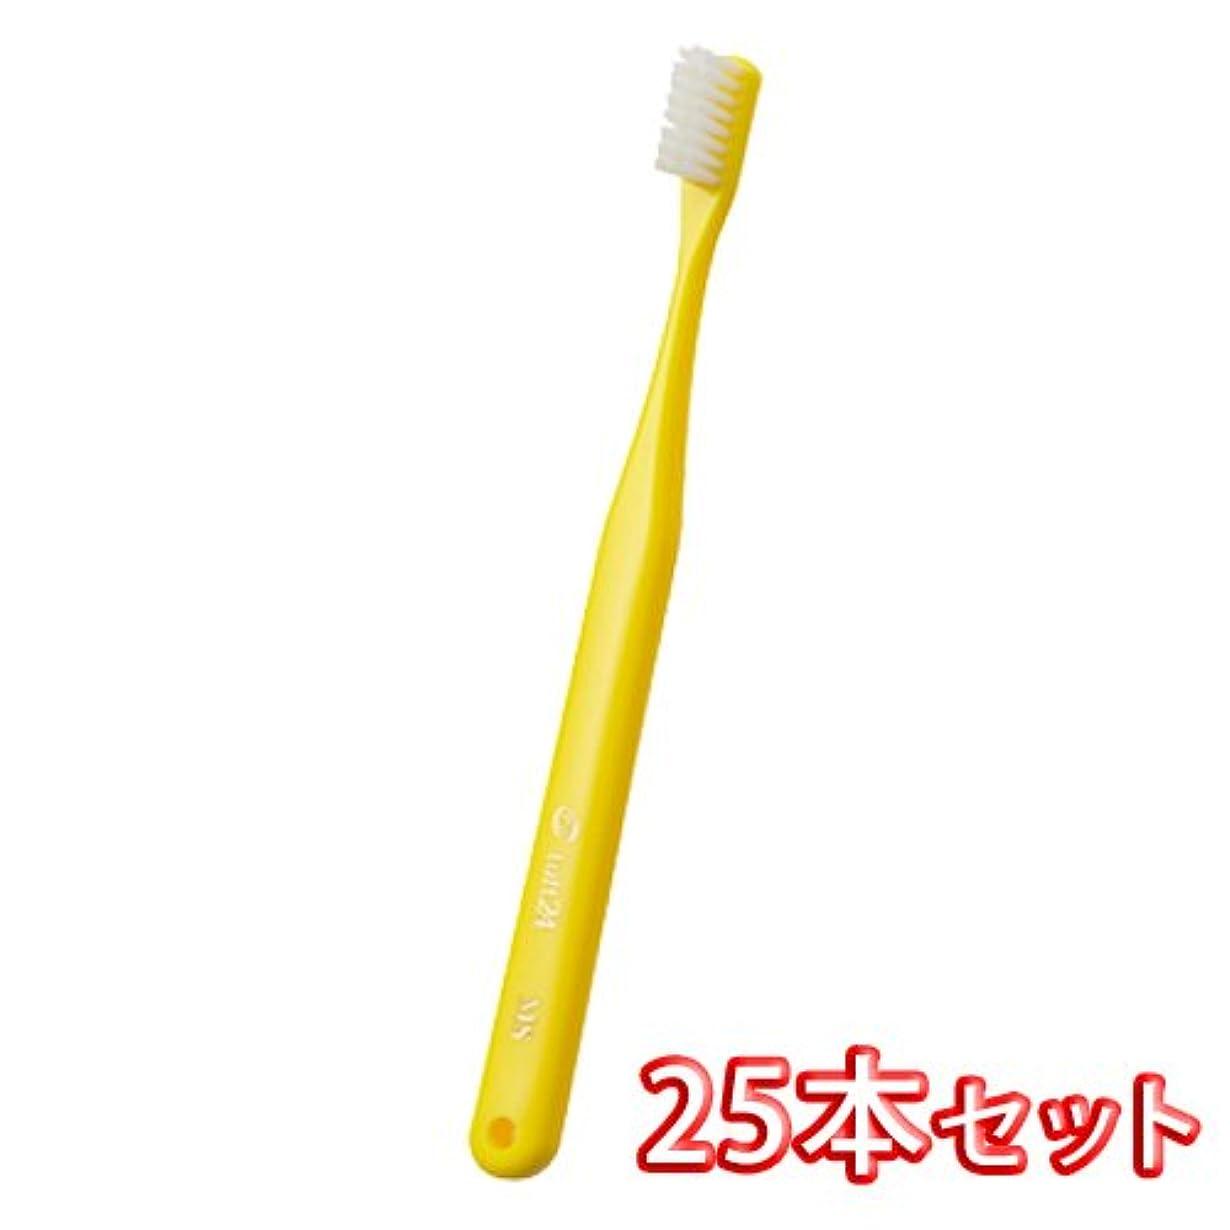 構造的年齢願望オーラルケア キャップ付き タフト 24歯ブラシ 25本入 ミディアム M (イエロー)